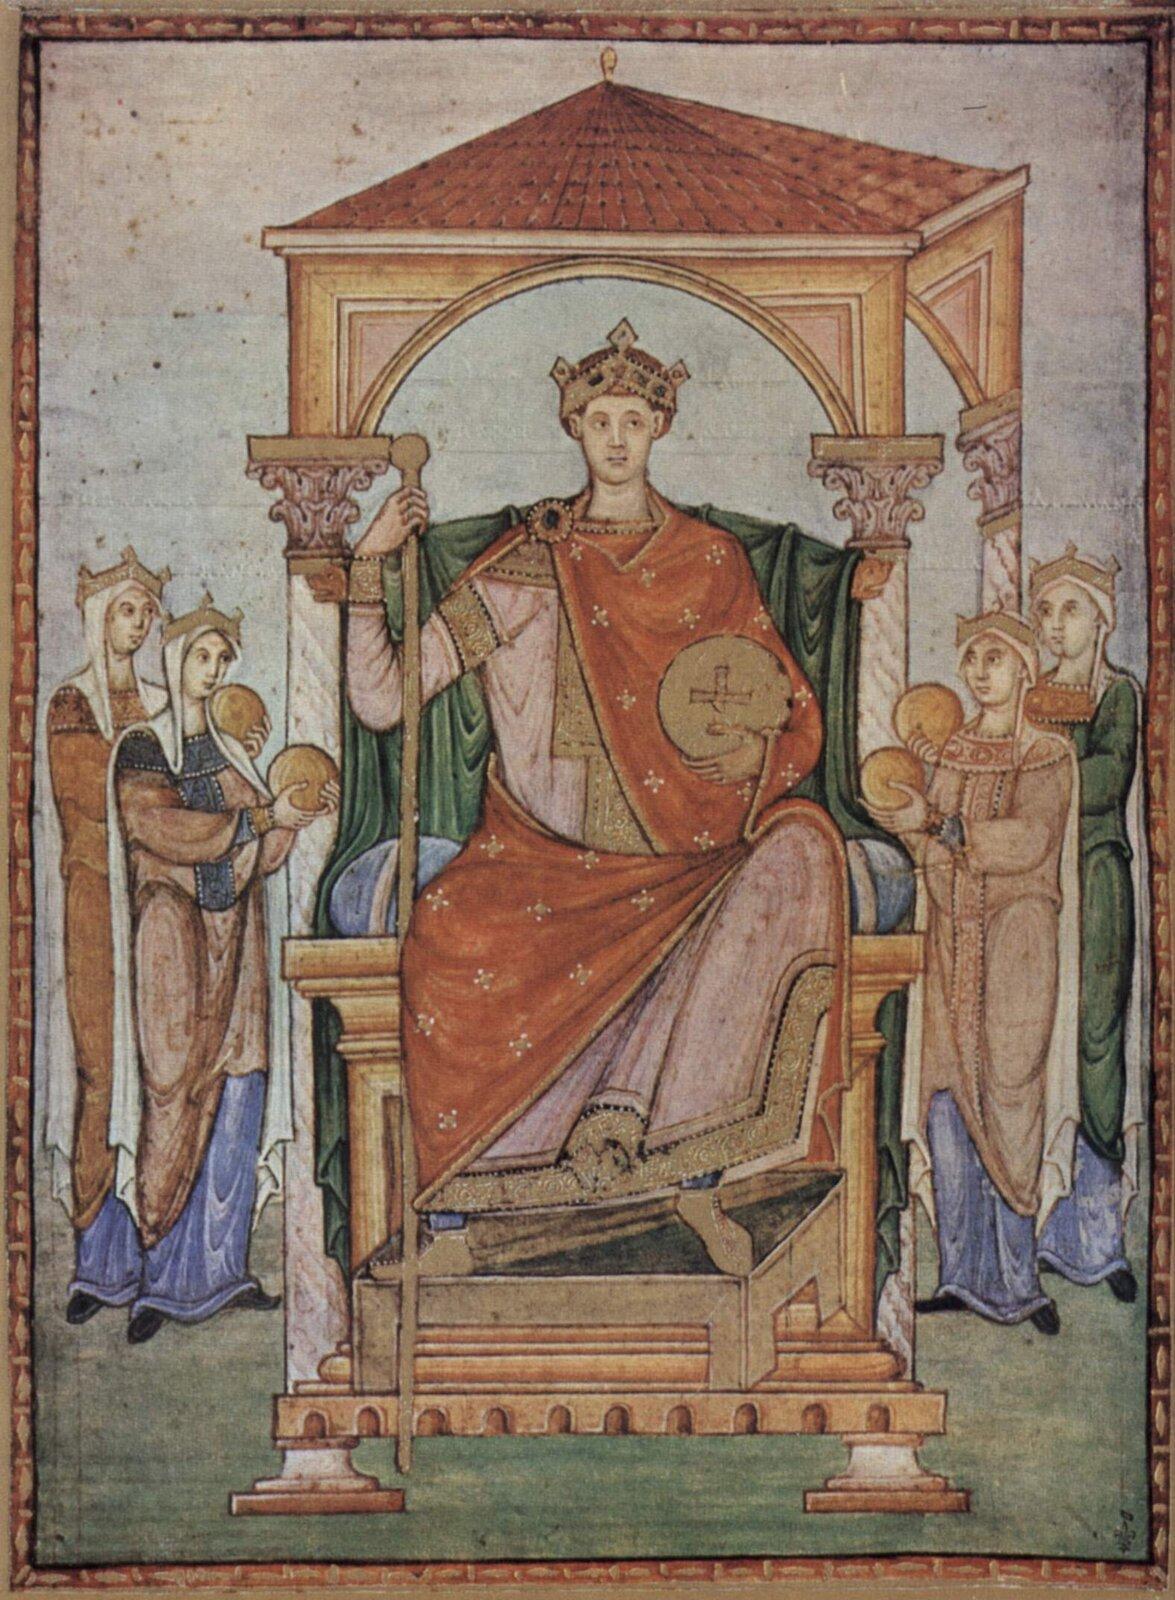 Otton III na tronie, miniatura zrękopisu wykonanego wkatedrze wTrewirze Źródło: Otton III na tronie, miniatura zrękopisu wykonanego wkatedrze wTrewirze, Musée Condé, licencja: CC 0.